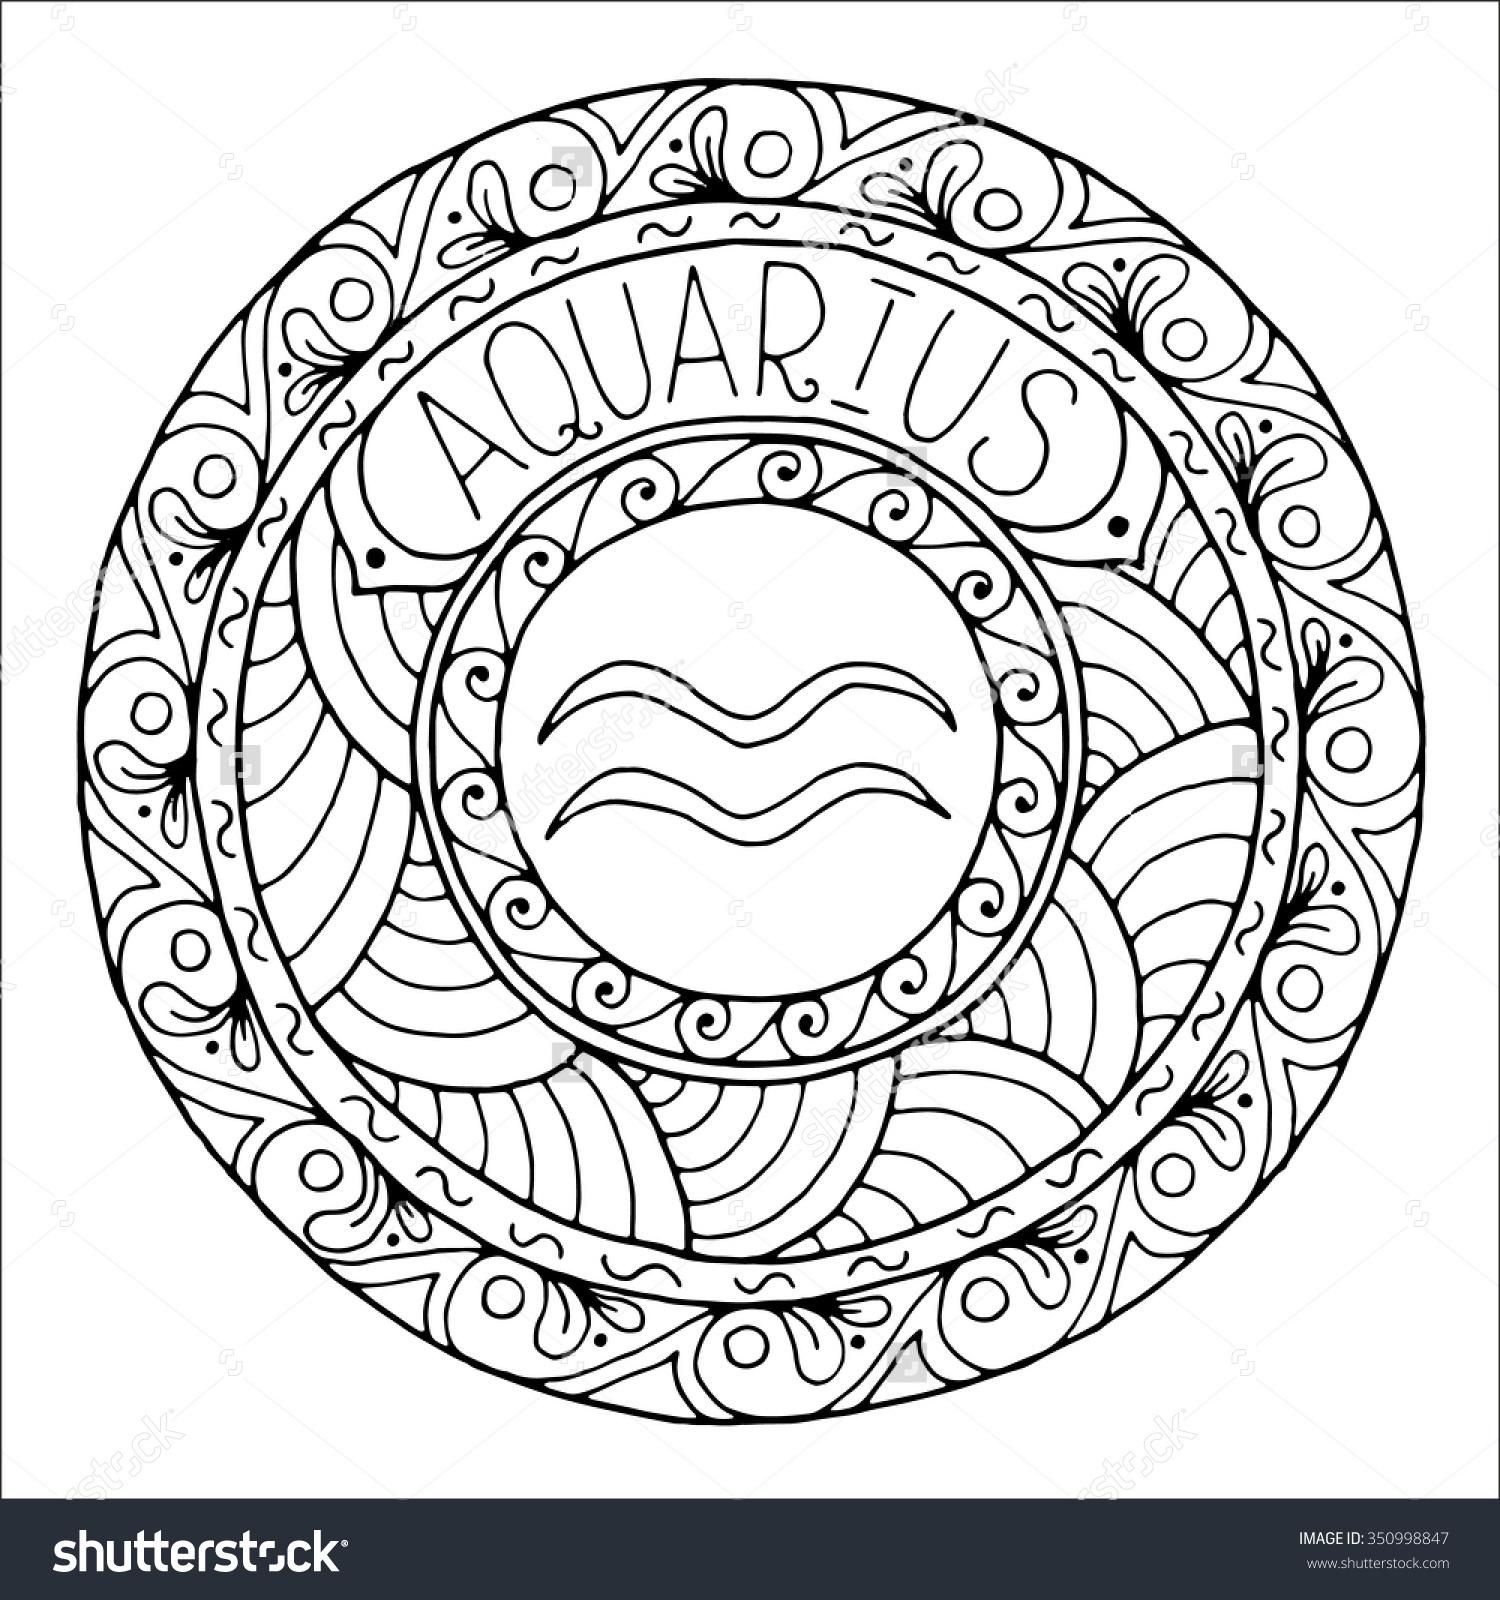 Drawn zodiac crayon #1